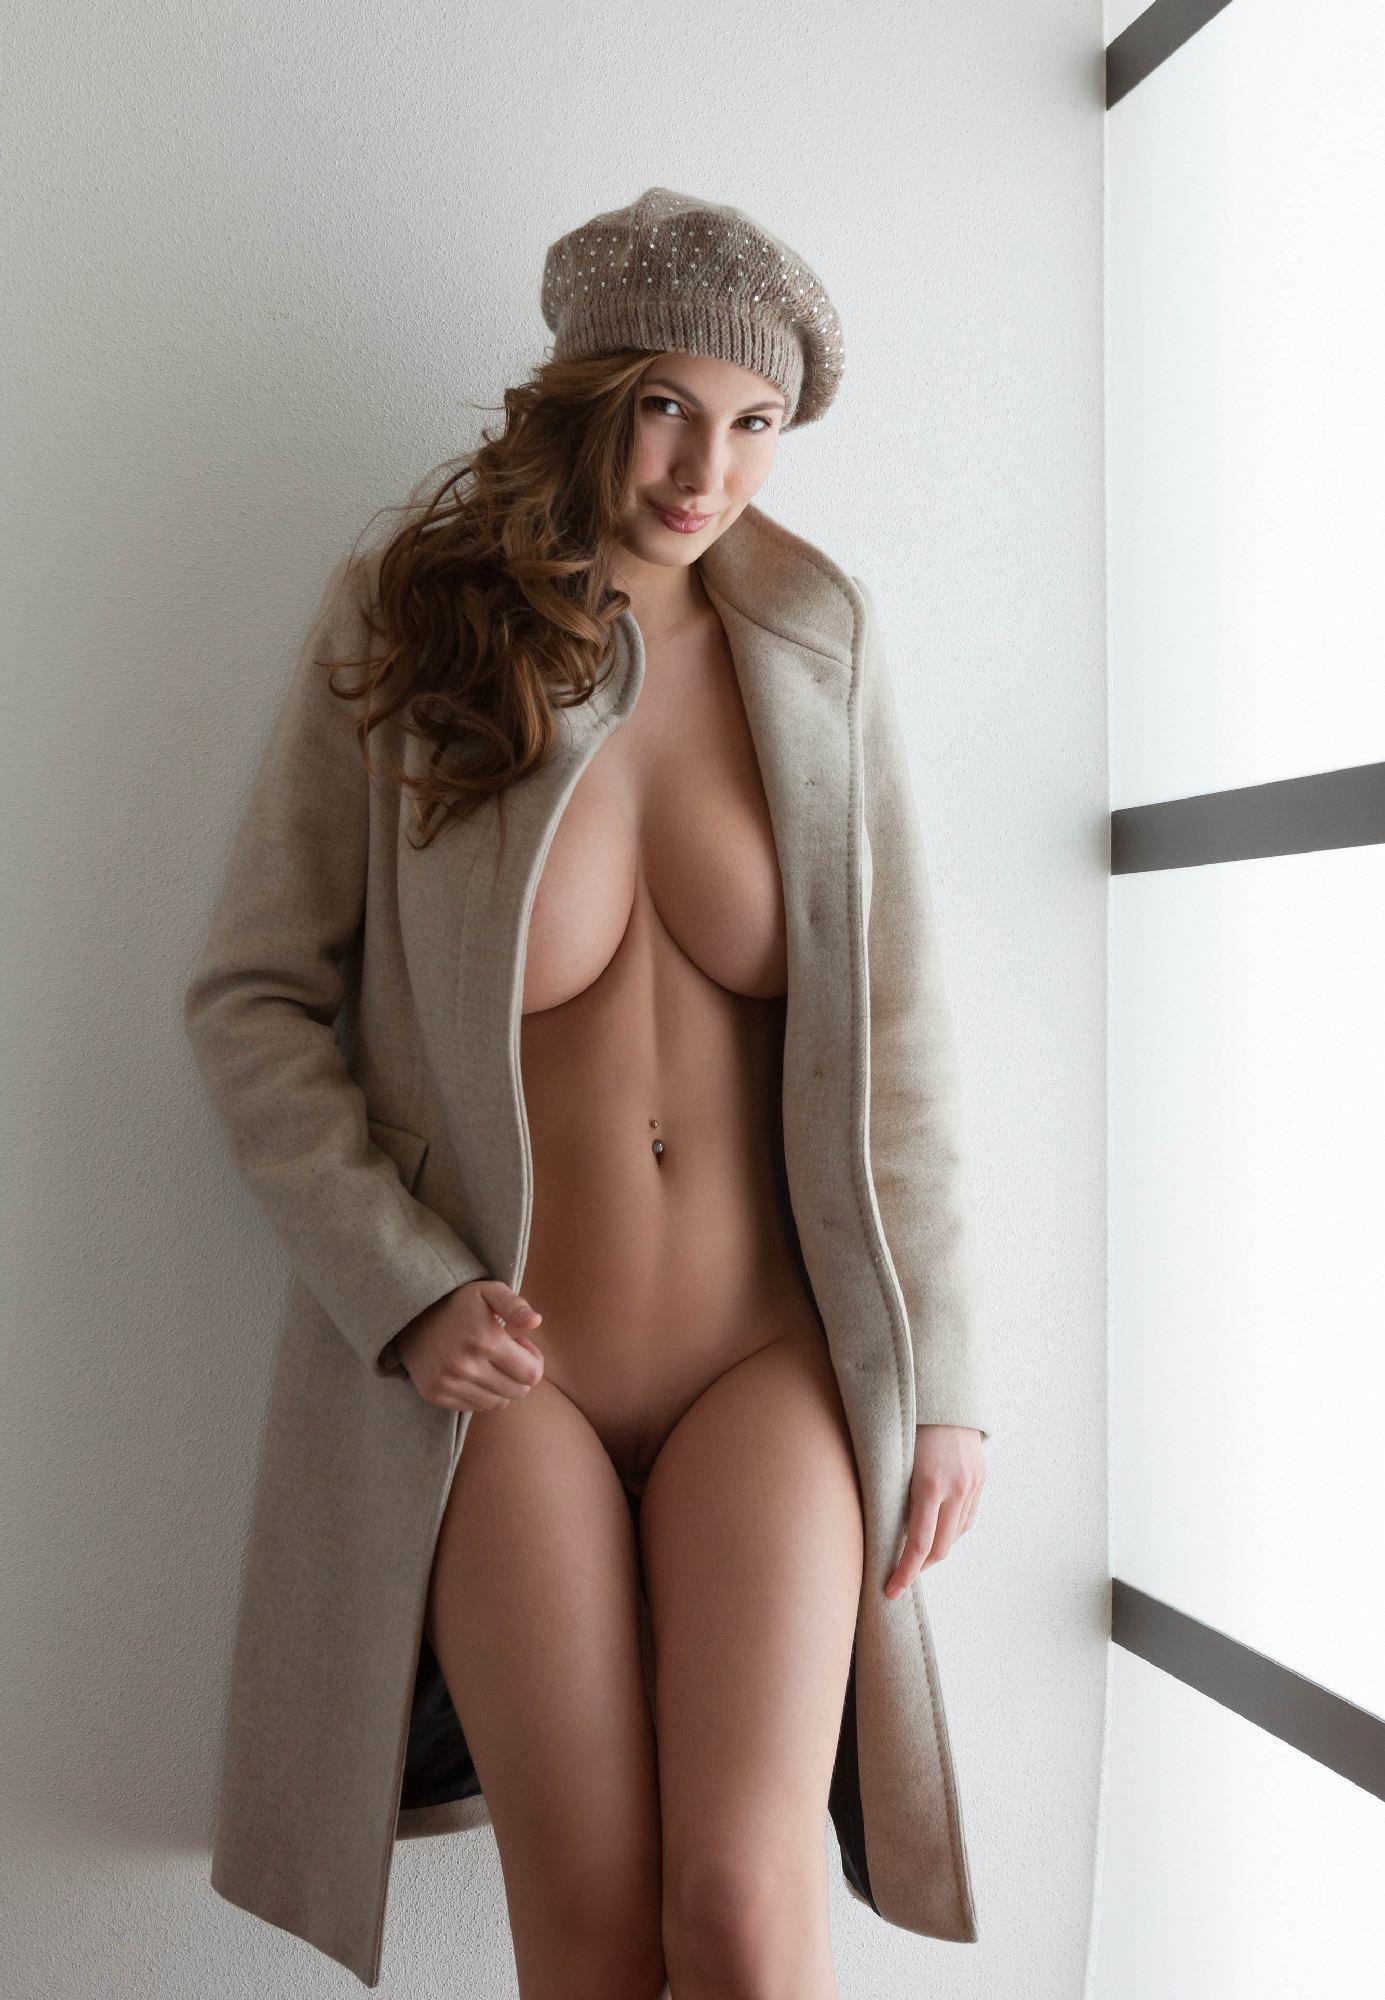 Красивые сиськи в верхней одежде картинки — photo 13